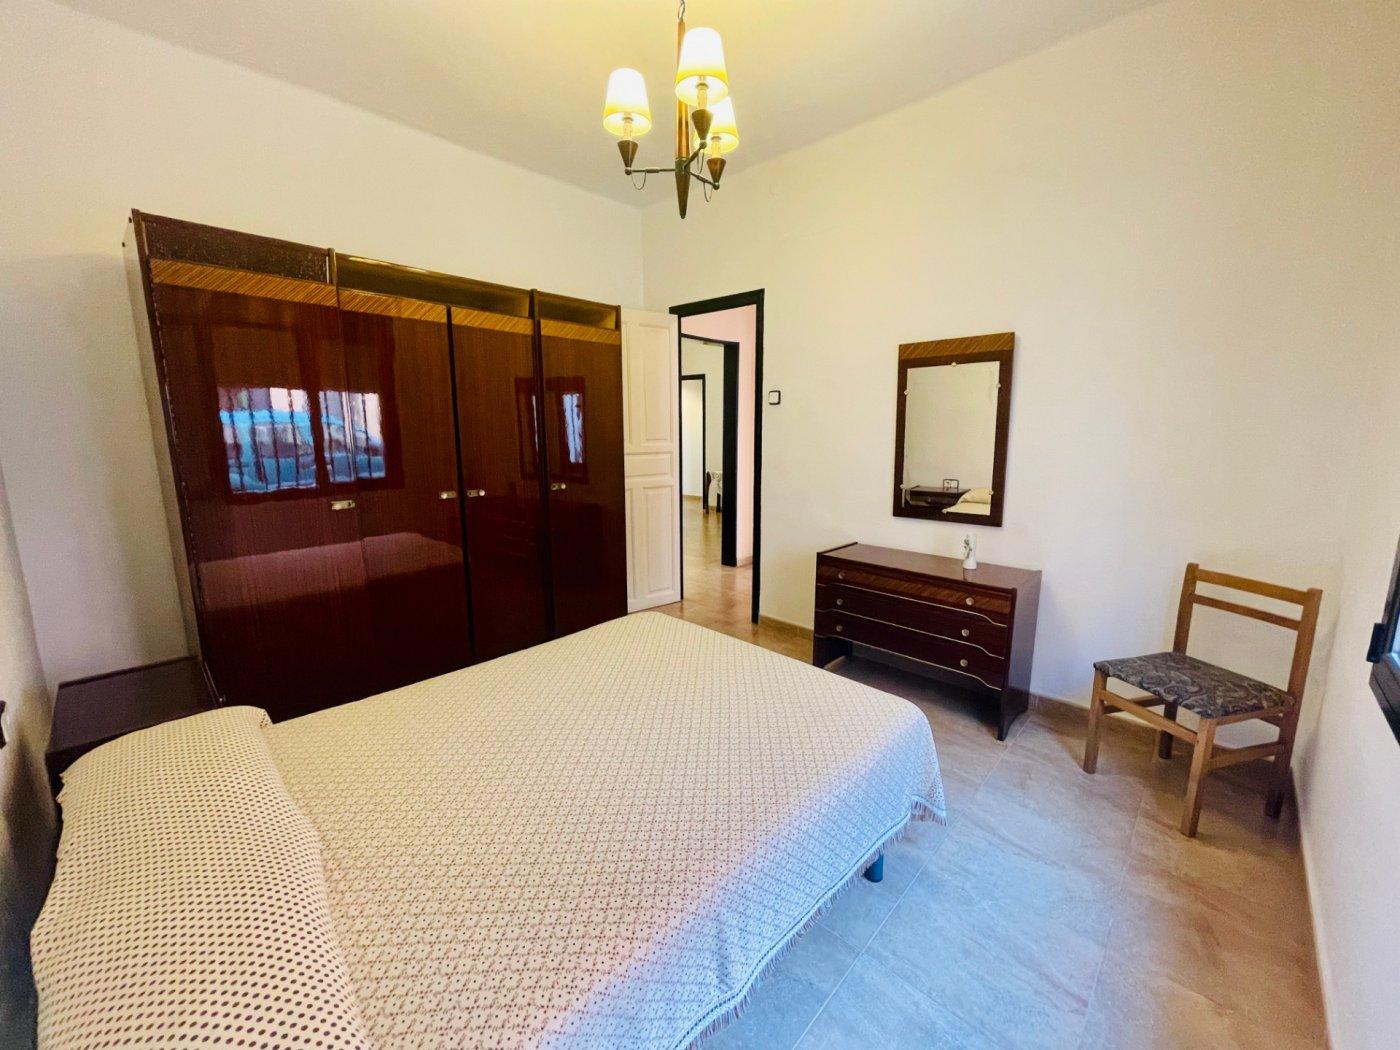 piso en santa-coloma-de-gramanet · can-peixauet 270000€